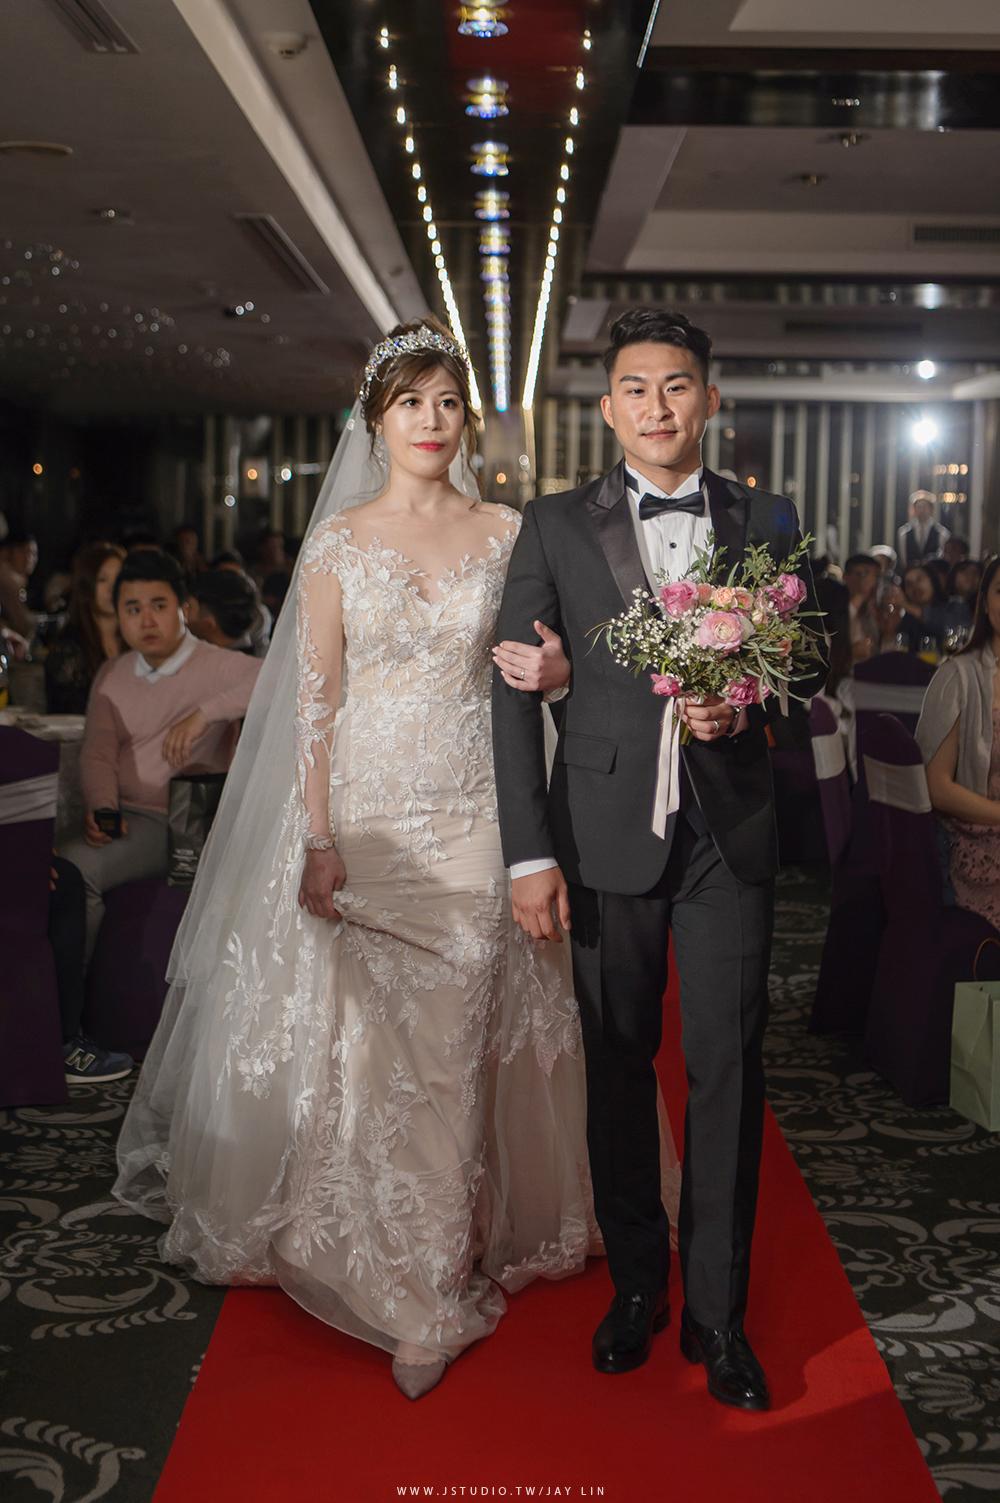 婚攝 台北婚攝 婚禮紀錄 婚攝 推薦婚攝 世貿三三 JSTUDIO_0086